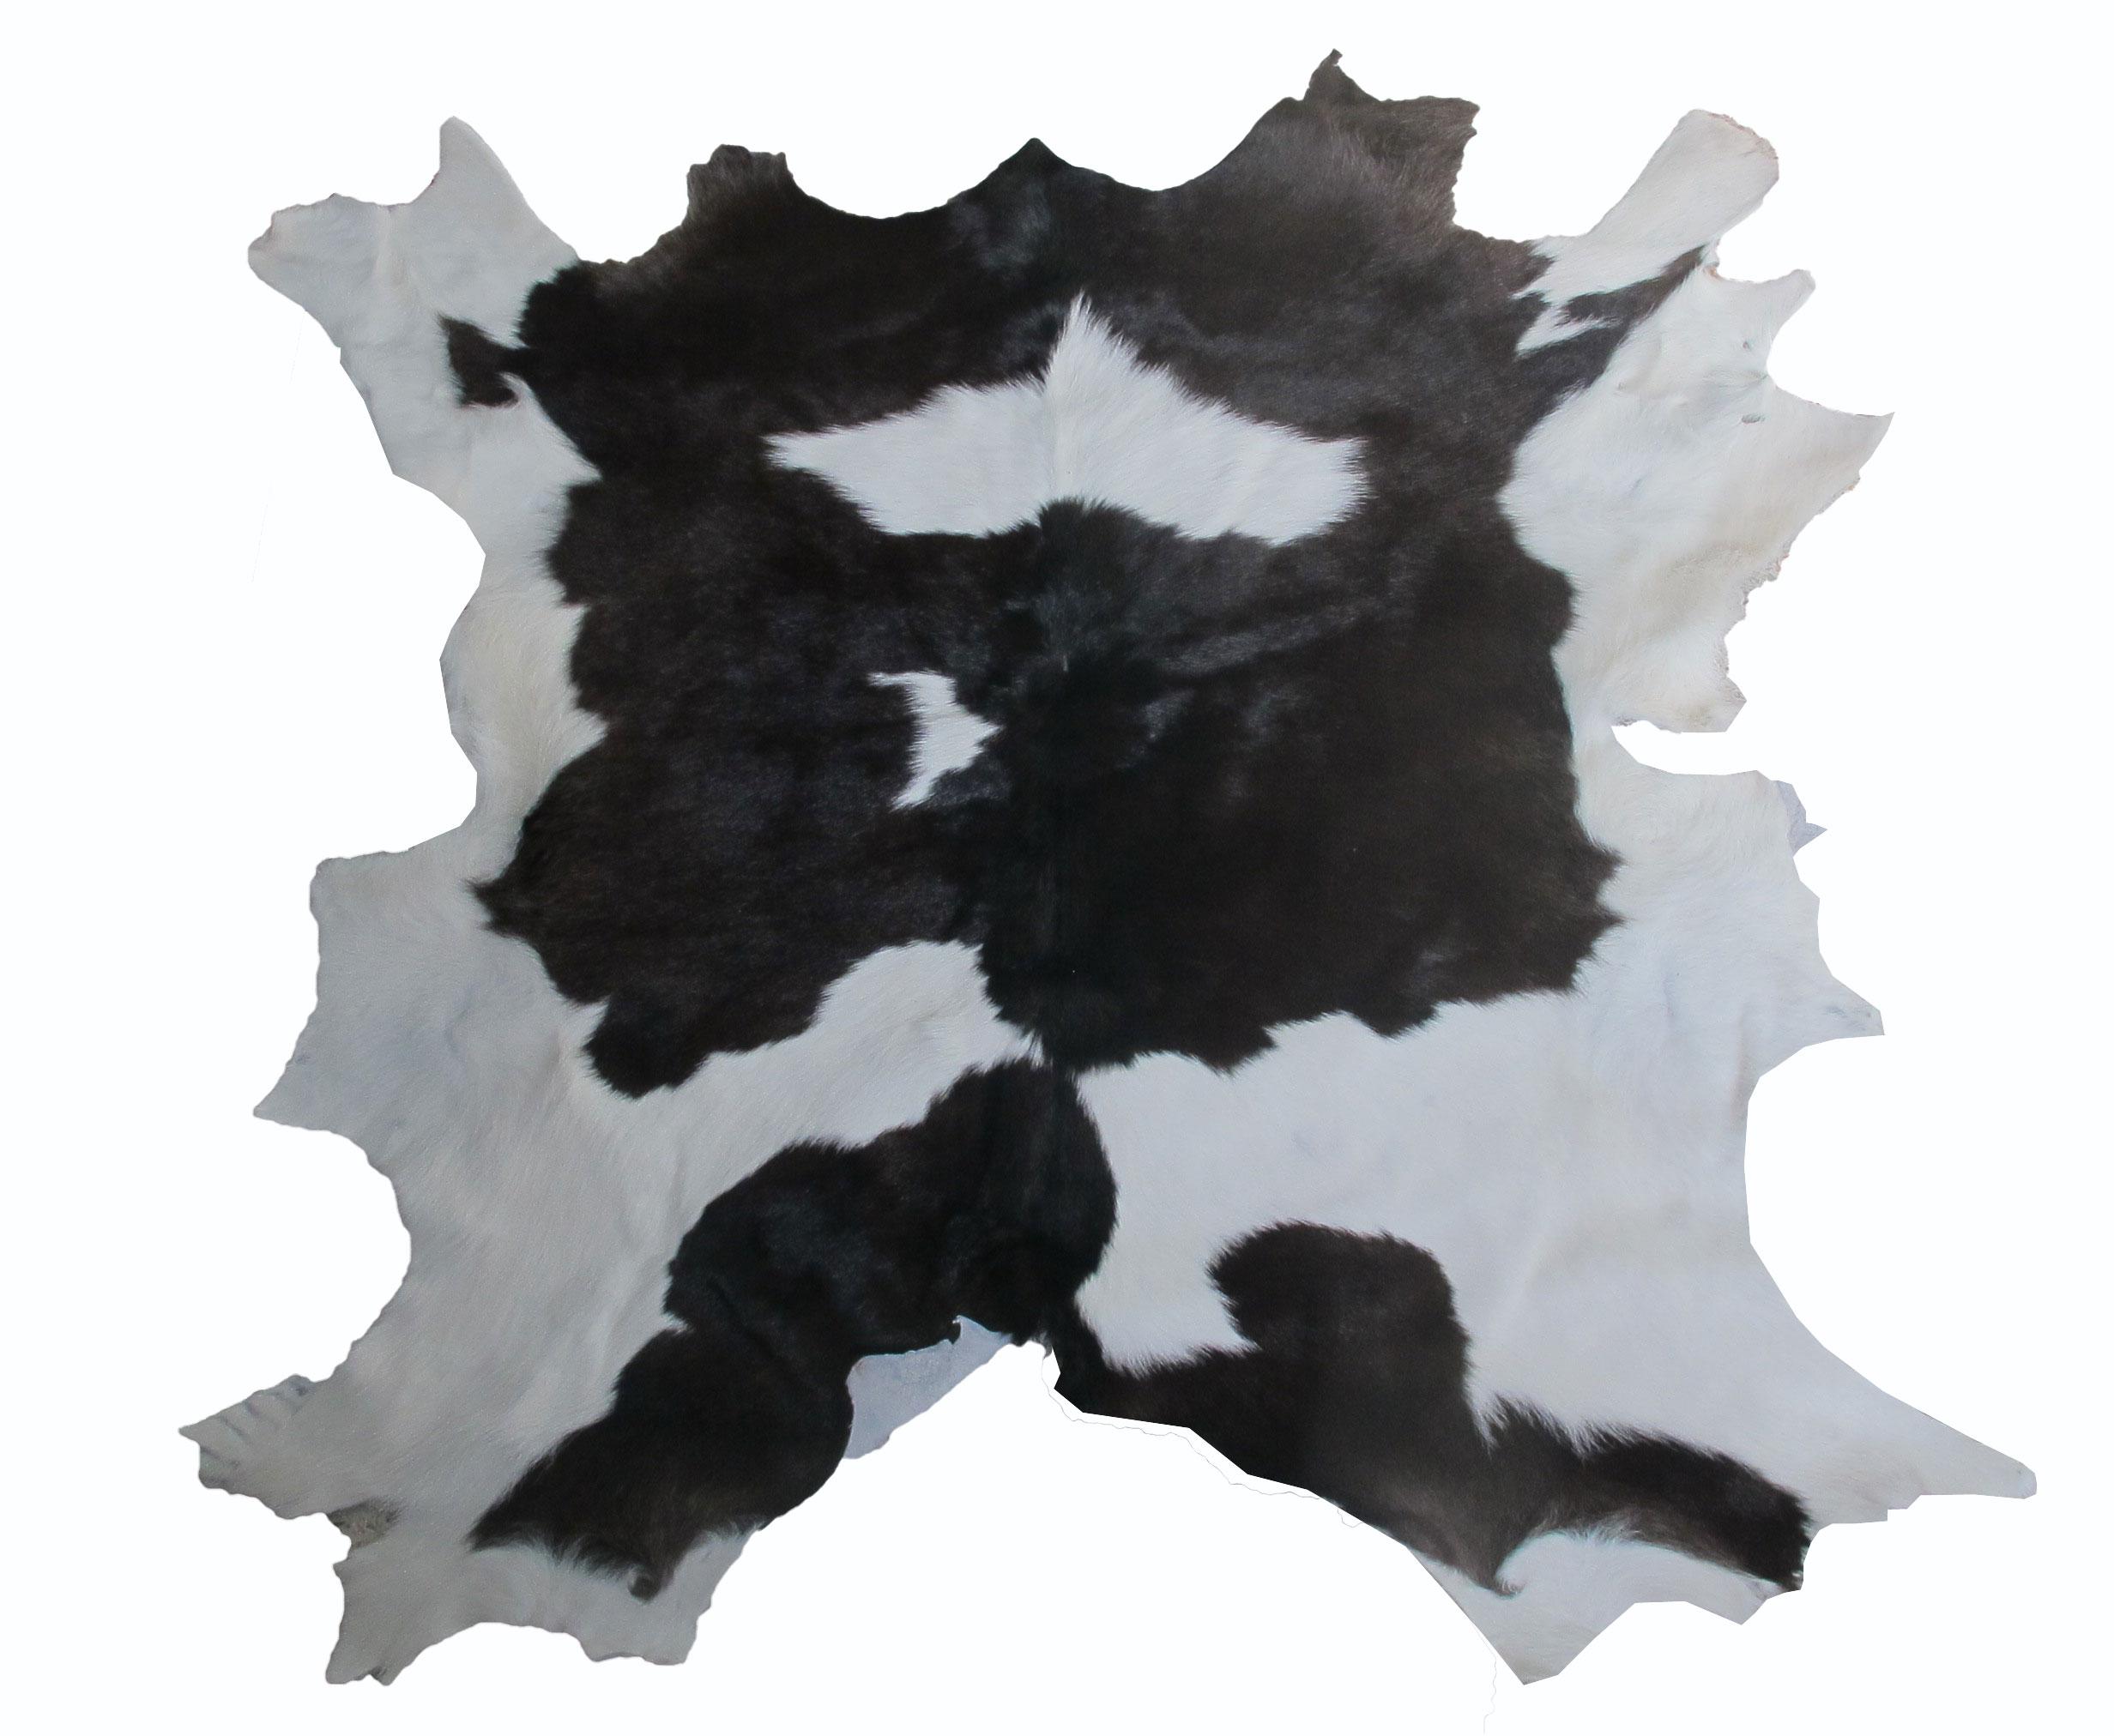 หนังขนลูกวัว ใช้สำหรับตกแต่งฝาผนังบ้าน หรือ ใช้เป็นผ้าปูโต๊ะแล้วเอากระจกทับ หรือ ผ้าคลุ่มเก้าอี้นั่ง